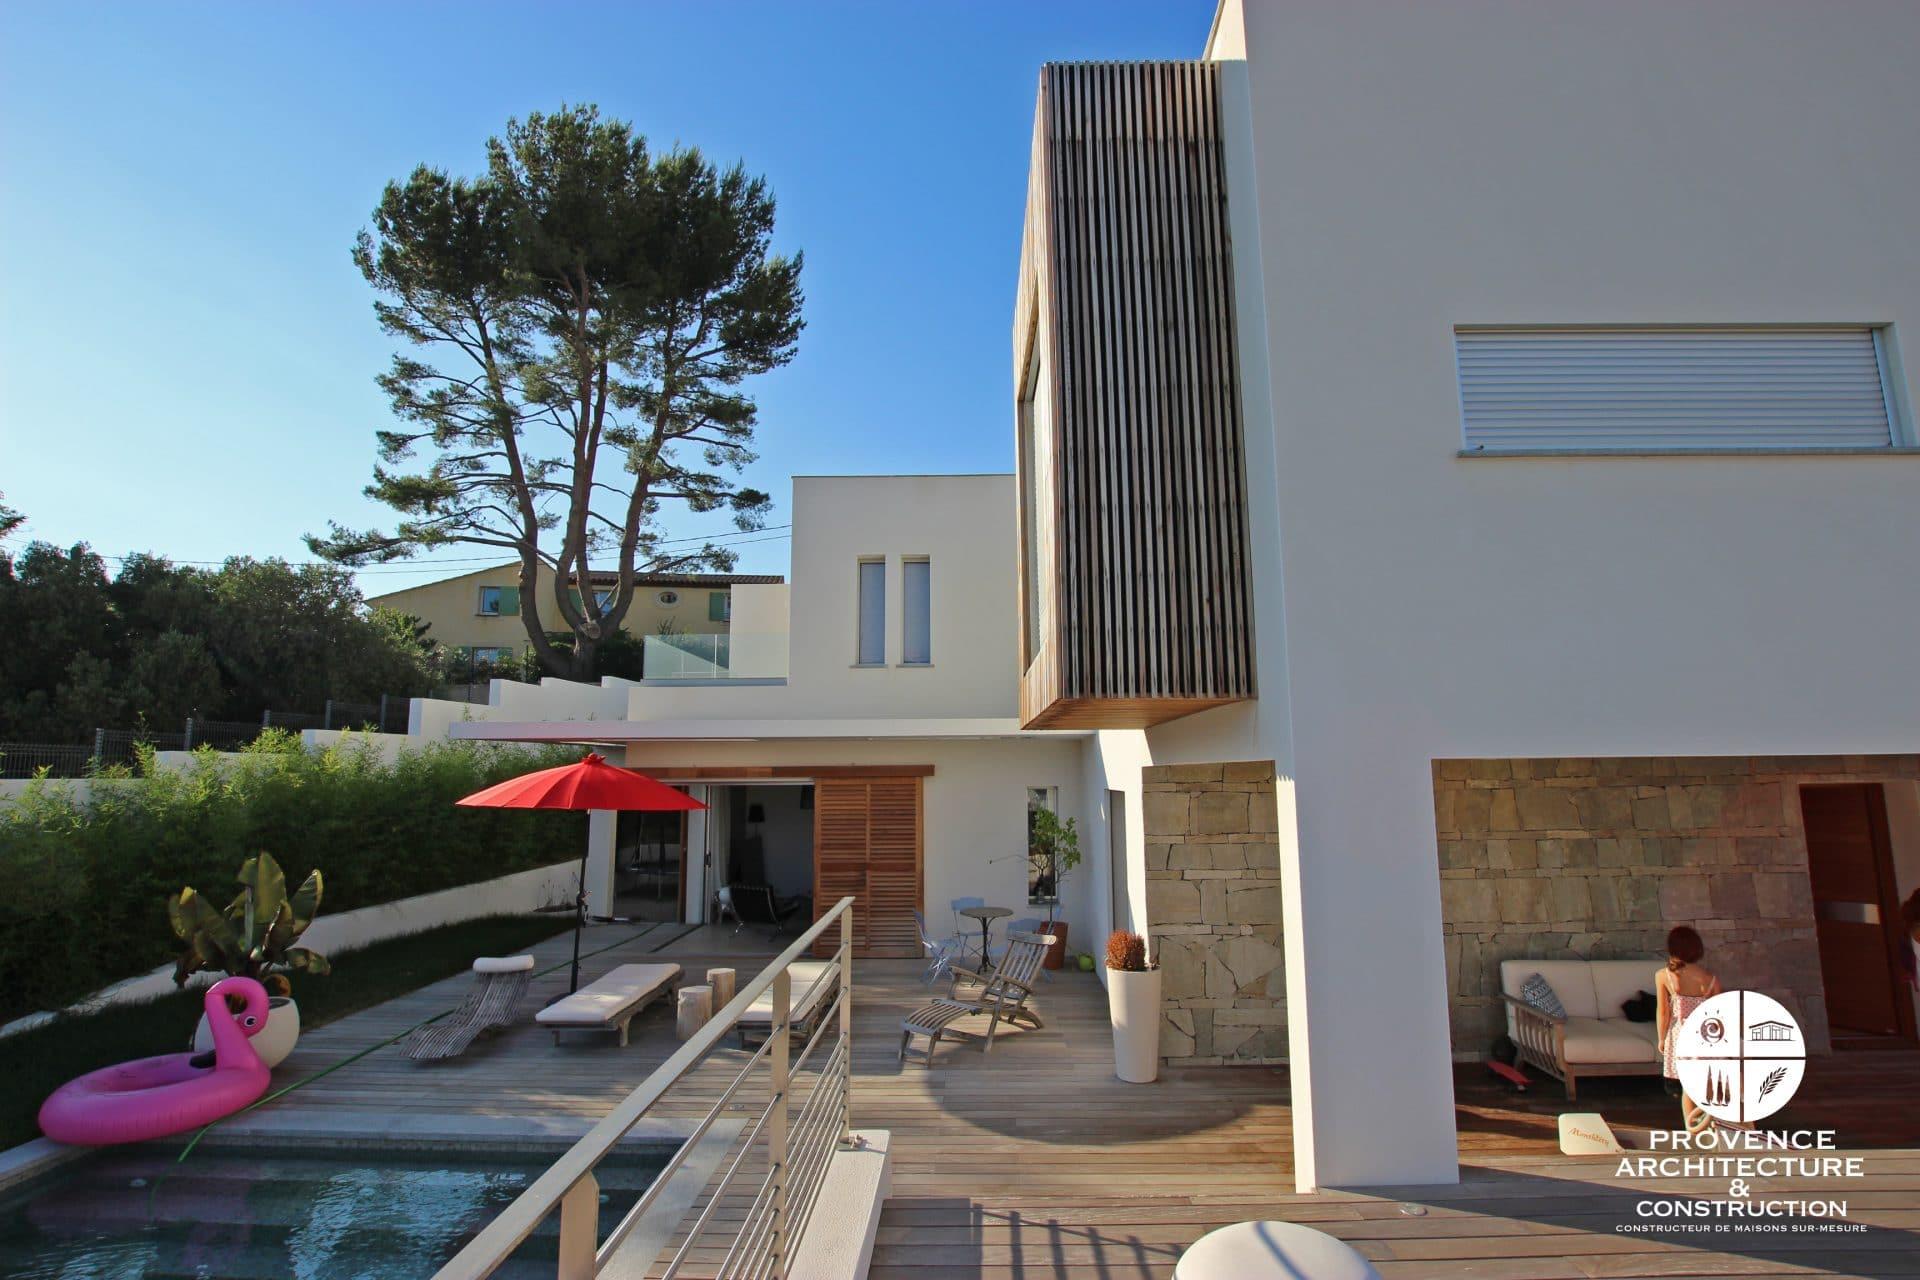 Constructeur De Maison Marseille maison contemporaine à marseille - provence architecture